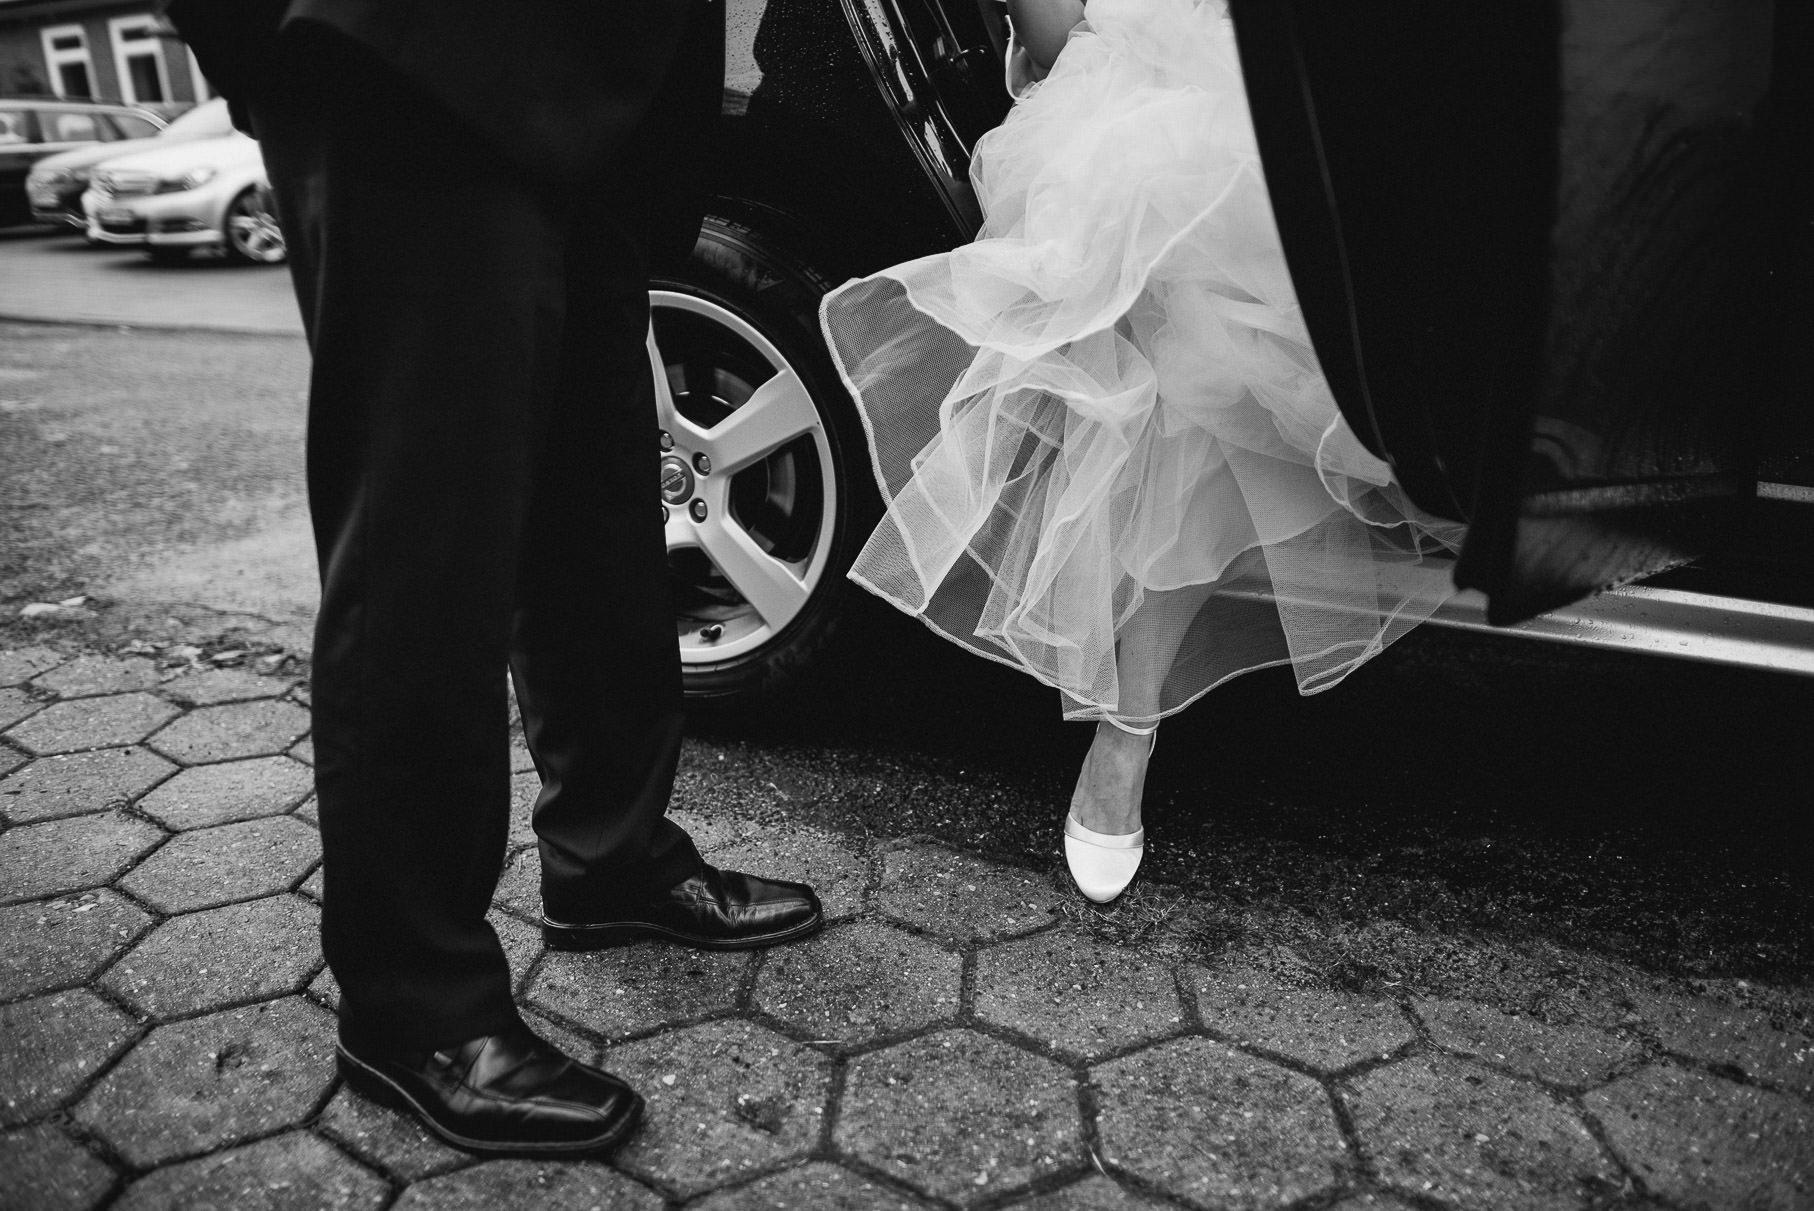 0039 aub 812 9358 - Hochzeit auf Gut Thansen - Anja & Björn